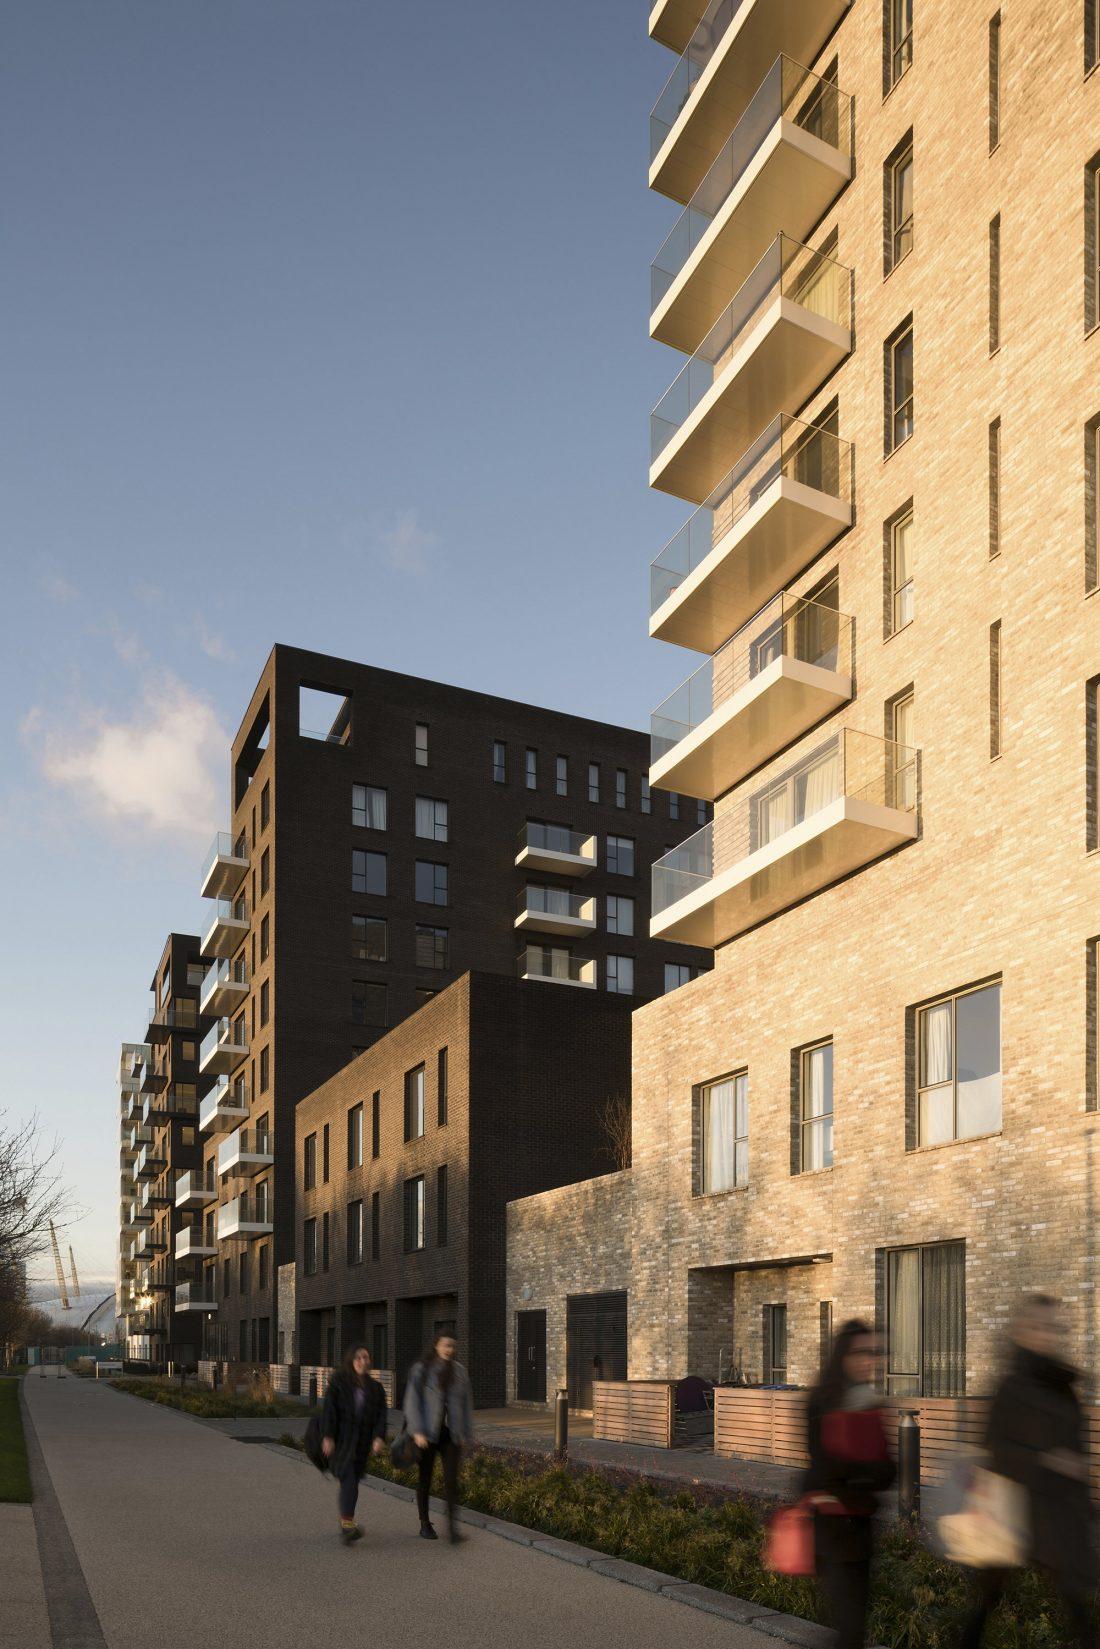 Жилой комплекс Greenwich Peninsula Riverside в Лондоне по проекту C.F. Moller 10